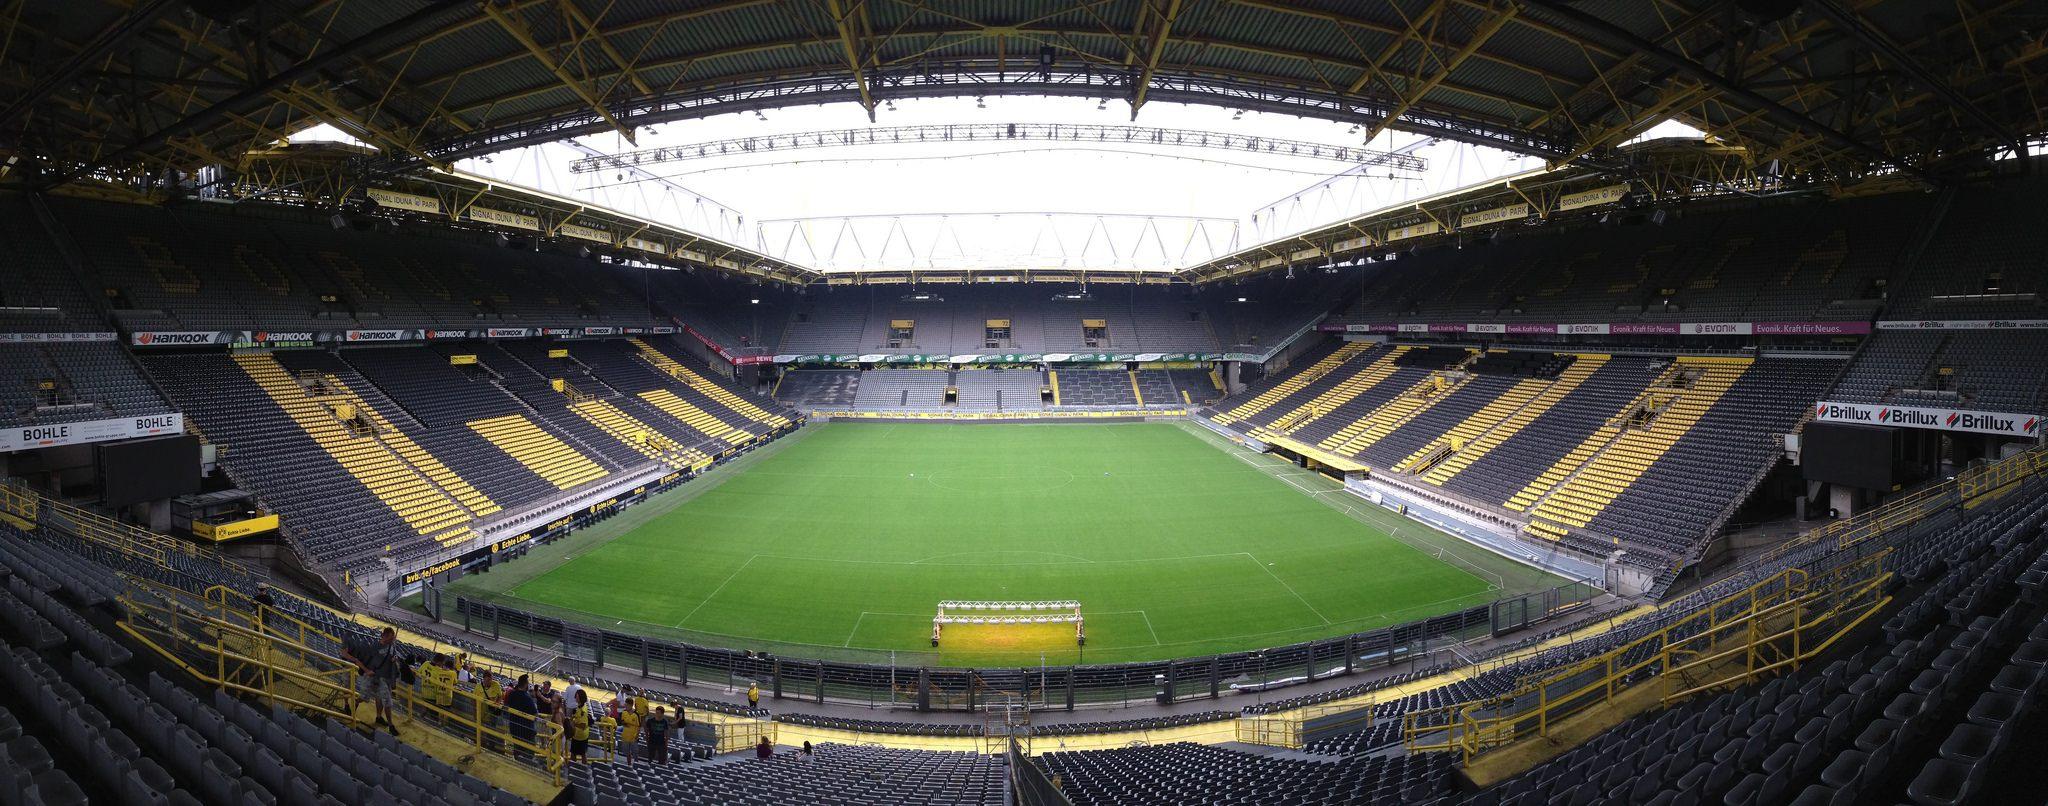 Borussia Dortmund vs SC Freiburg 29/02/2020   Football ...